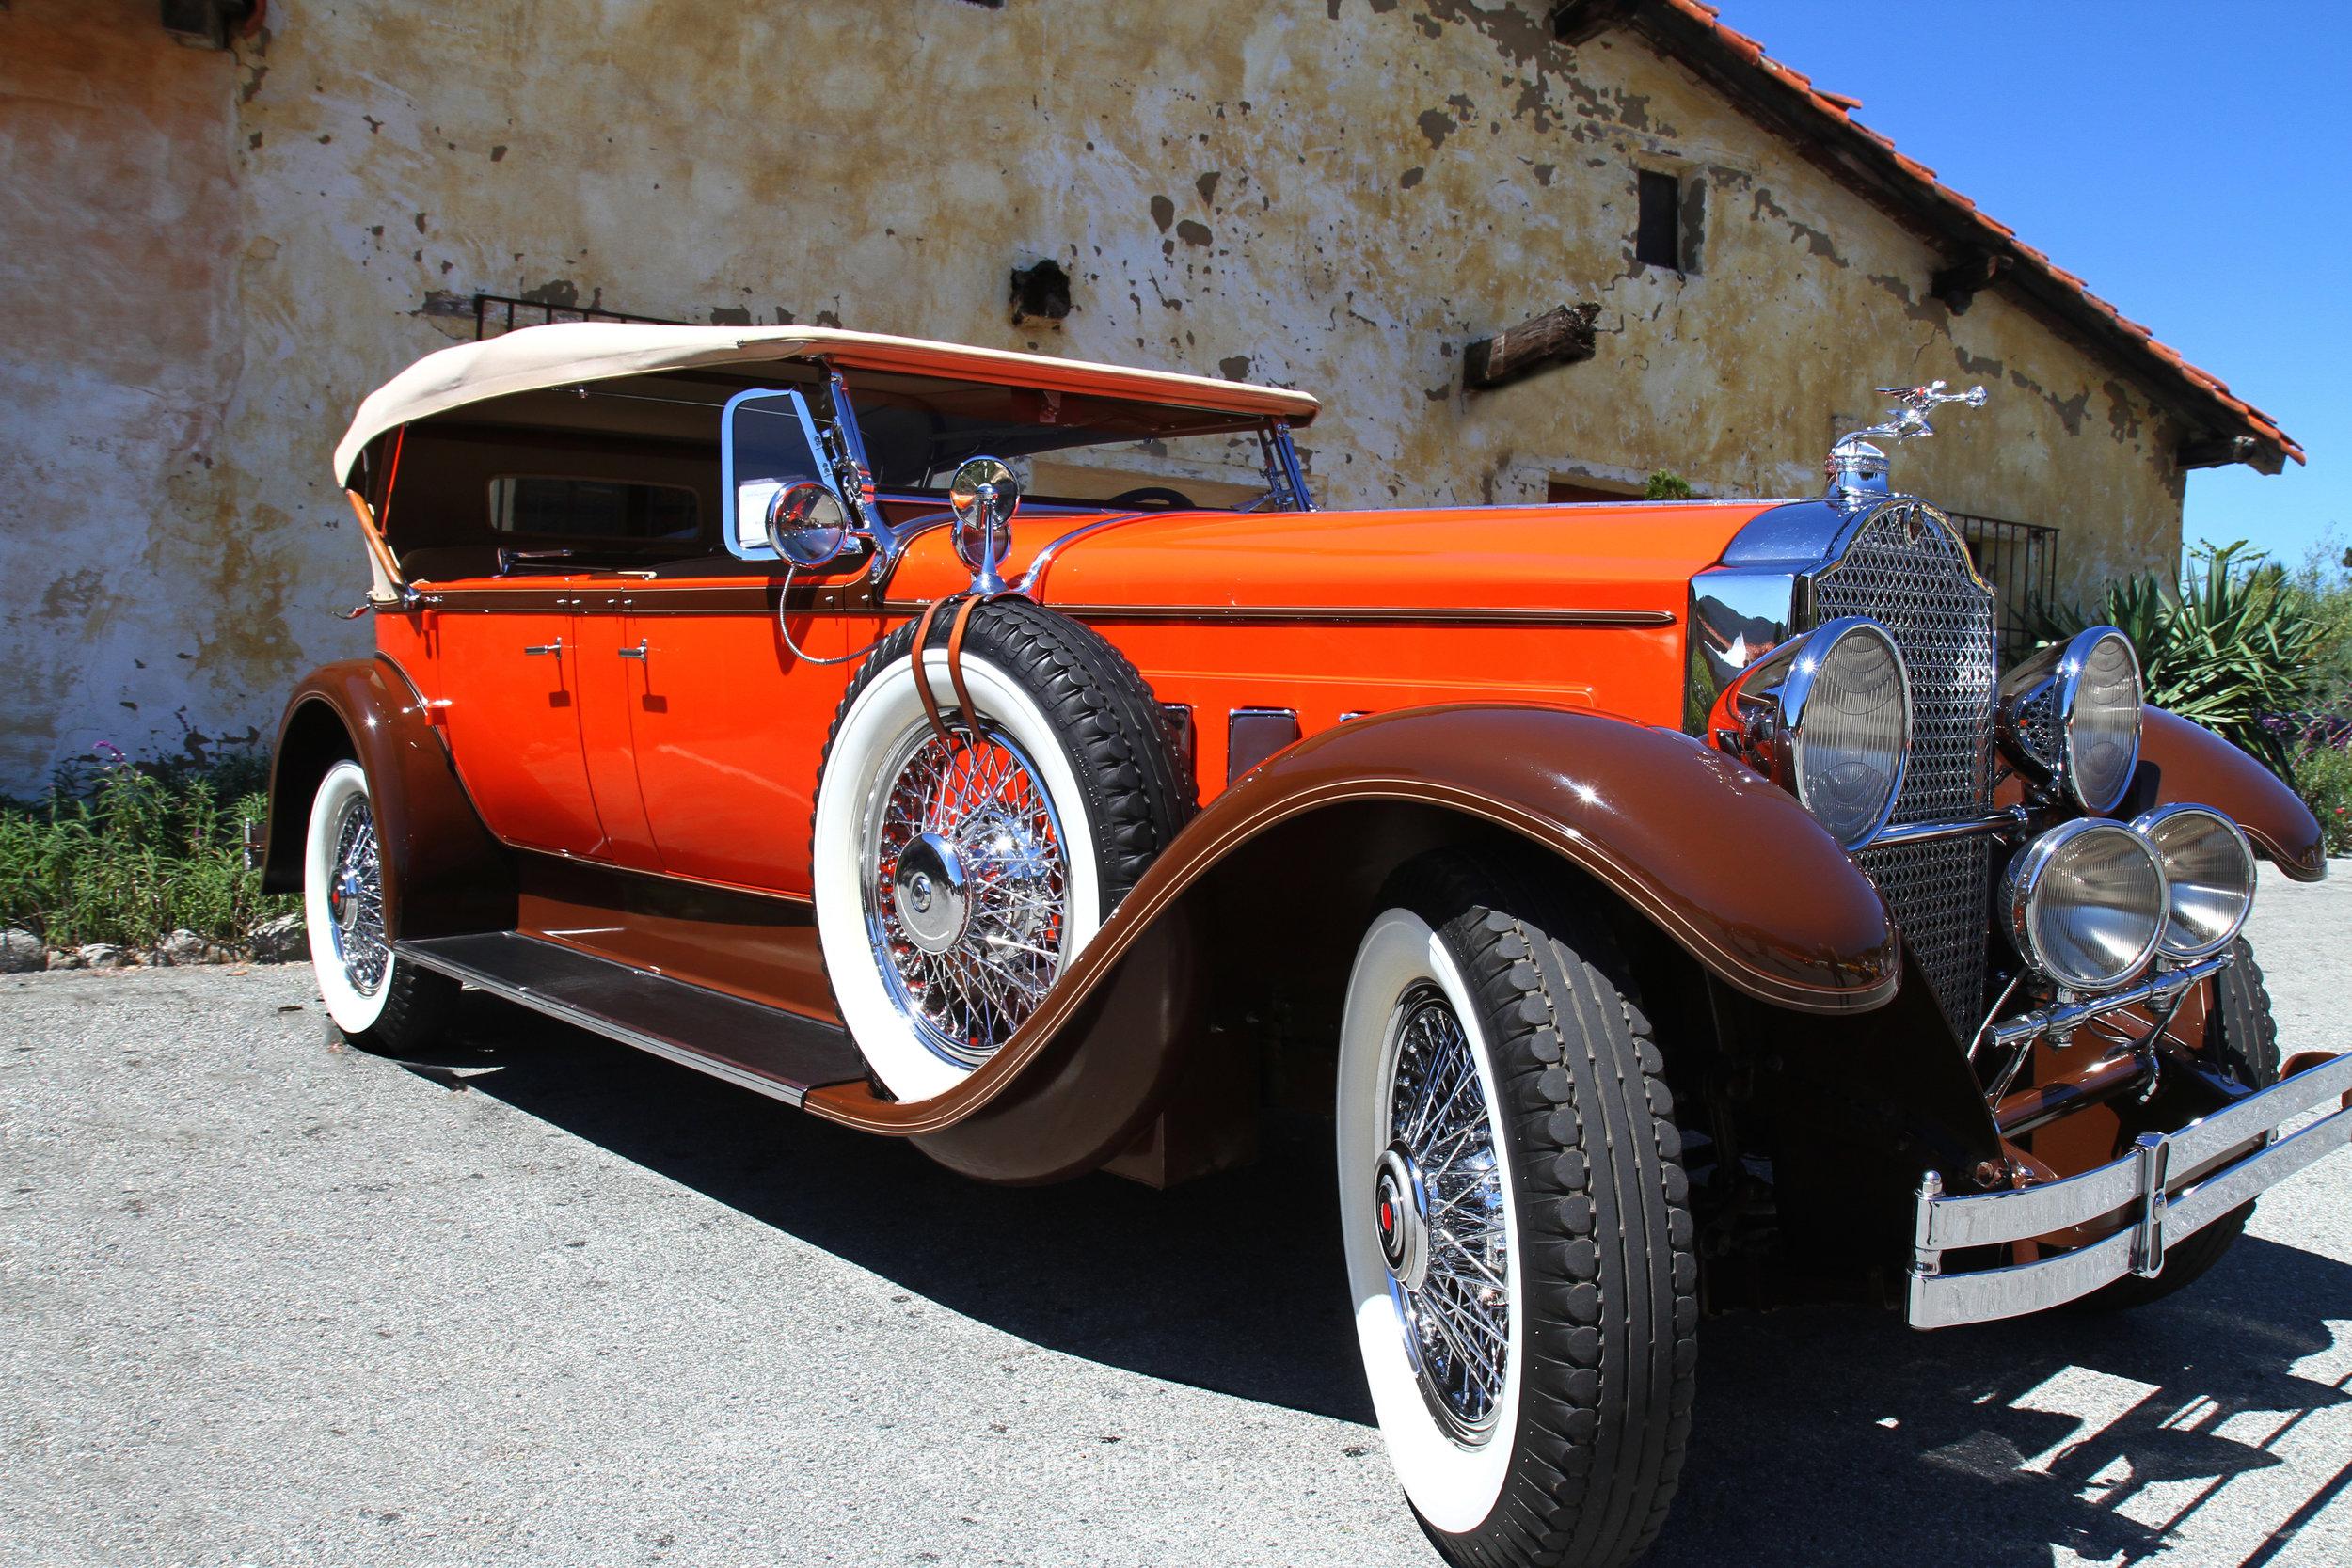 1934 Packard Dual Cowl Phaeton Carmel, California 2015